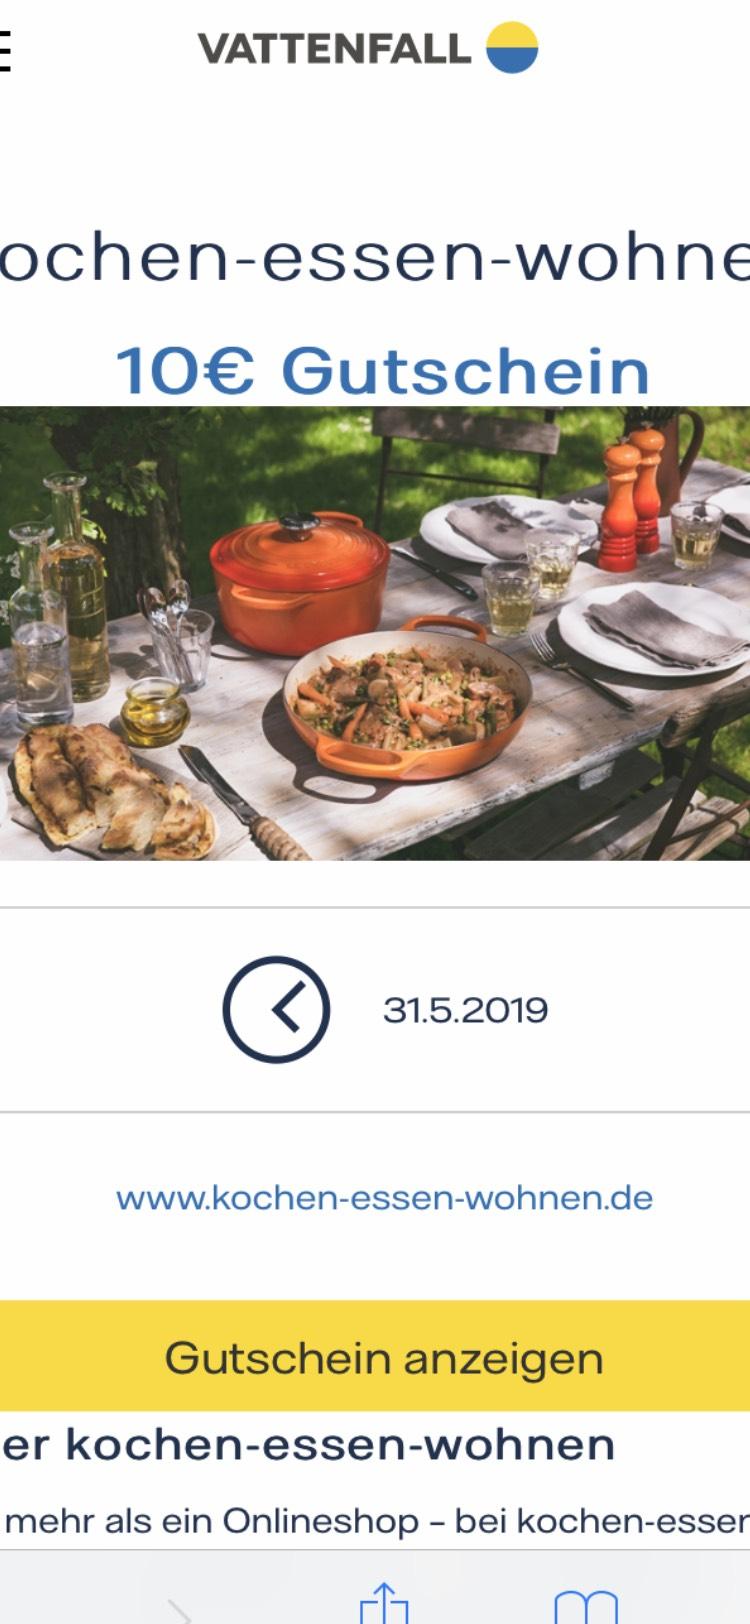 10€ Gutschein für Küchenhelfer bei 40€ MBW über Vattenfall